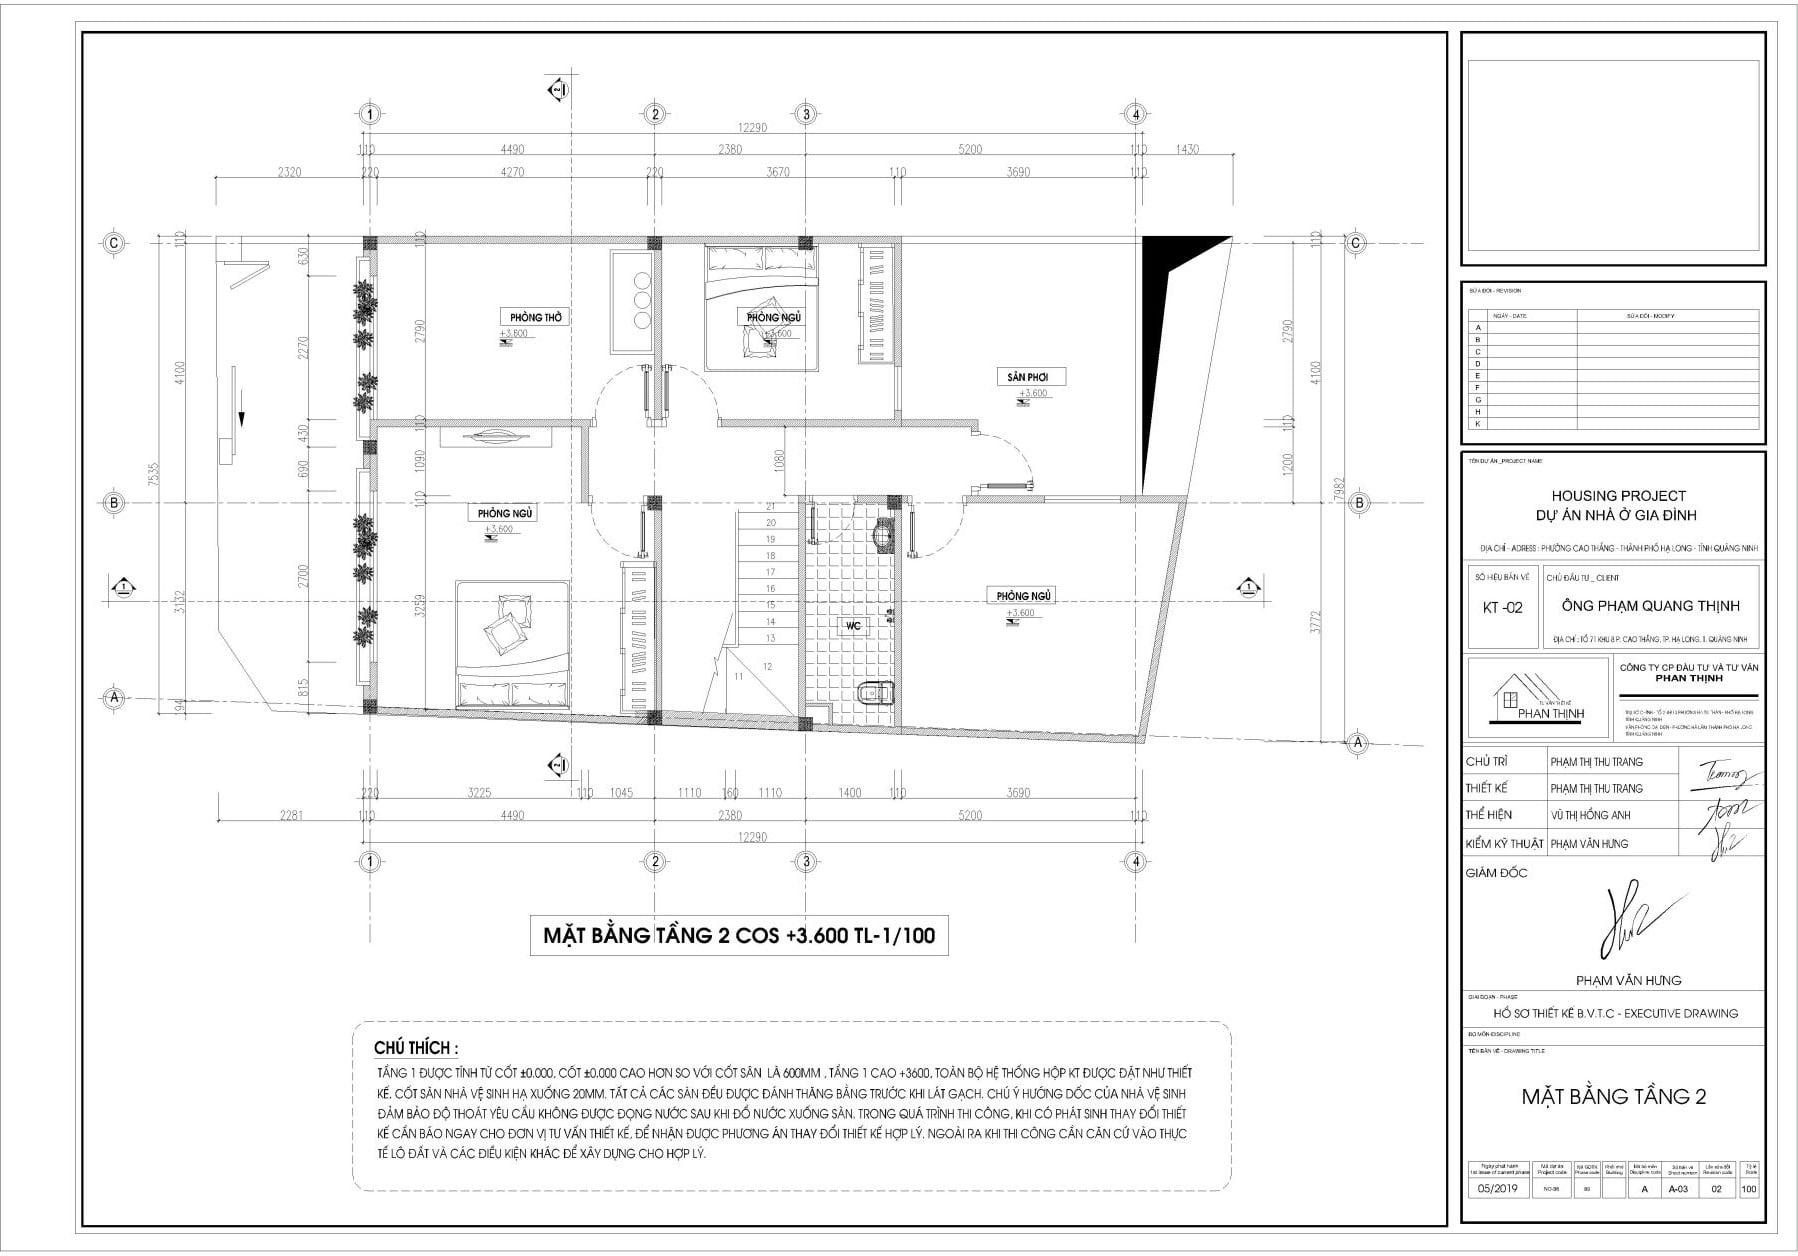 Mặt bằng thiết kế tại tầng 2, thiết kế nhà tại Quảng Ninh